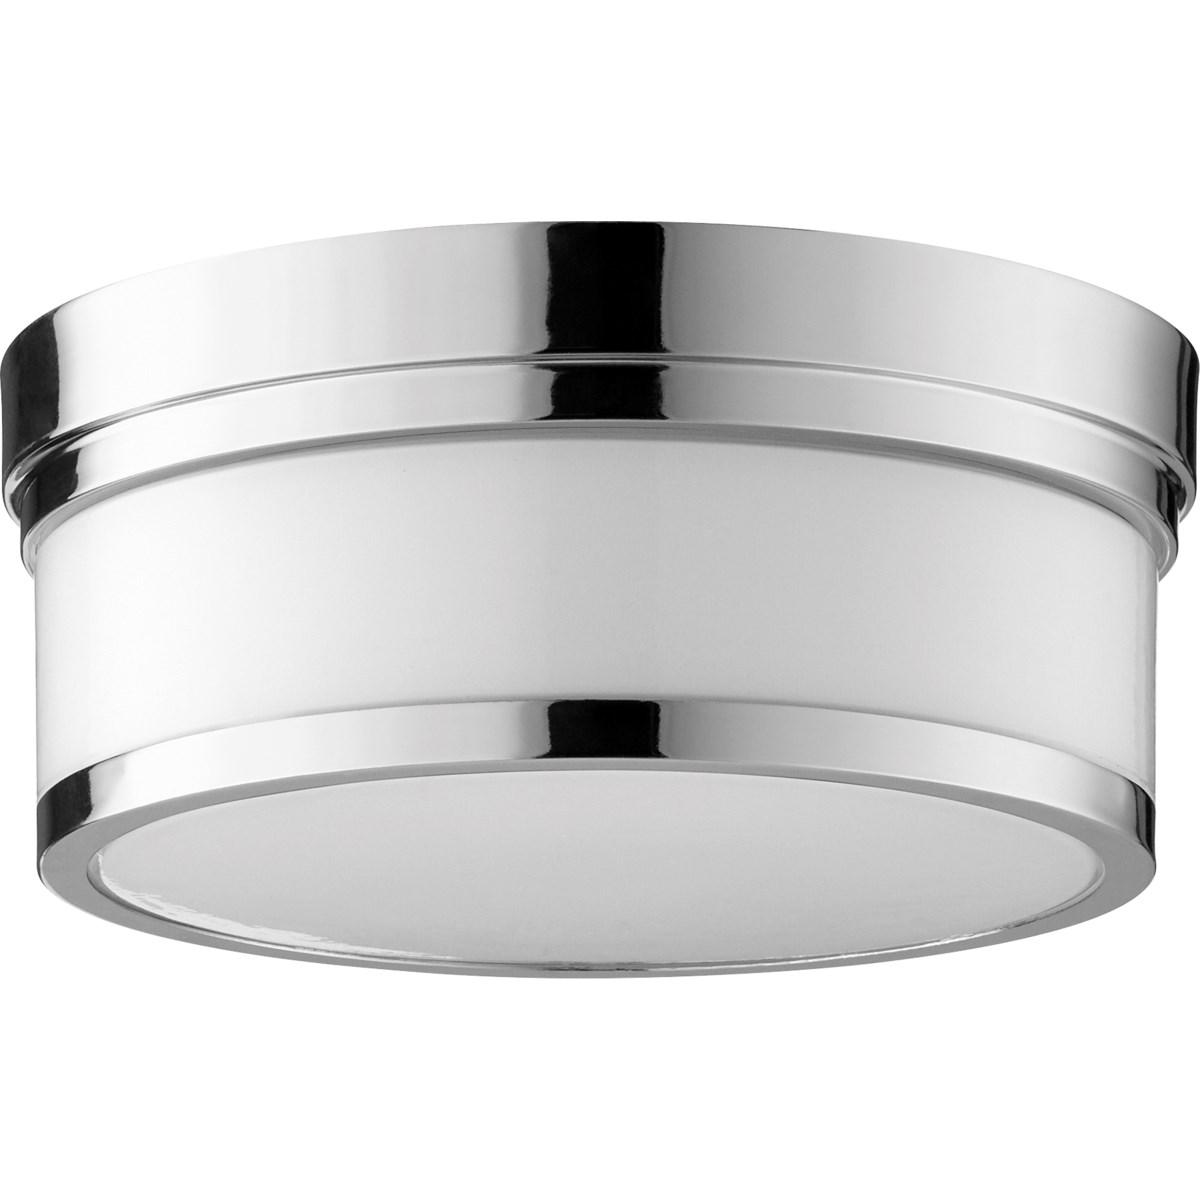 Celeste 12 Inch Ceiling Mount Polished Nickel